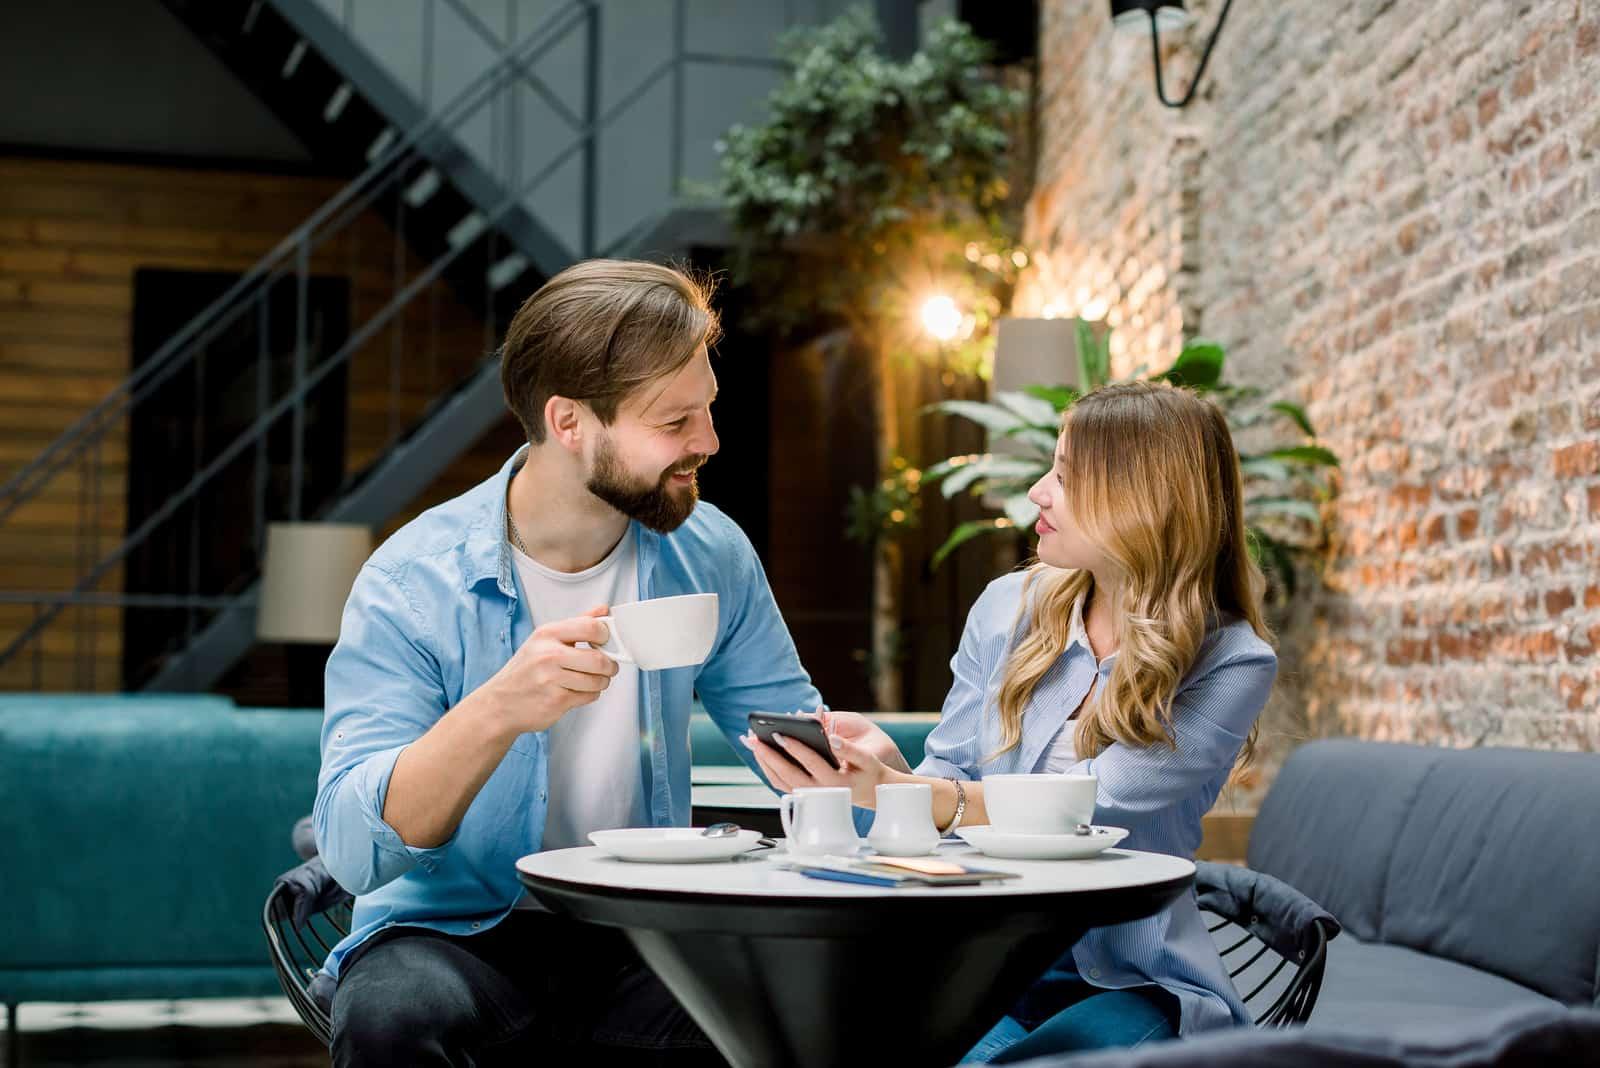 ein Mann und eine Frau sitzen beim Kaffee und unterhalten sich